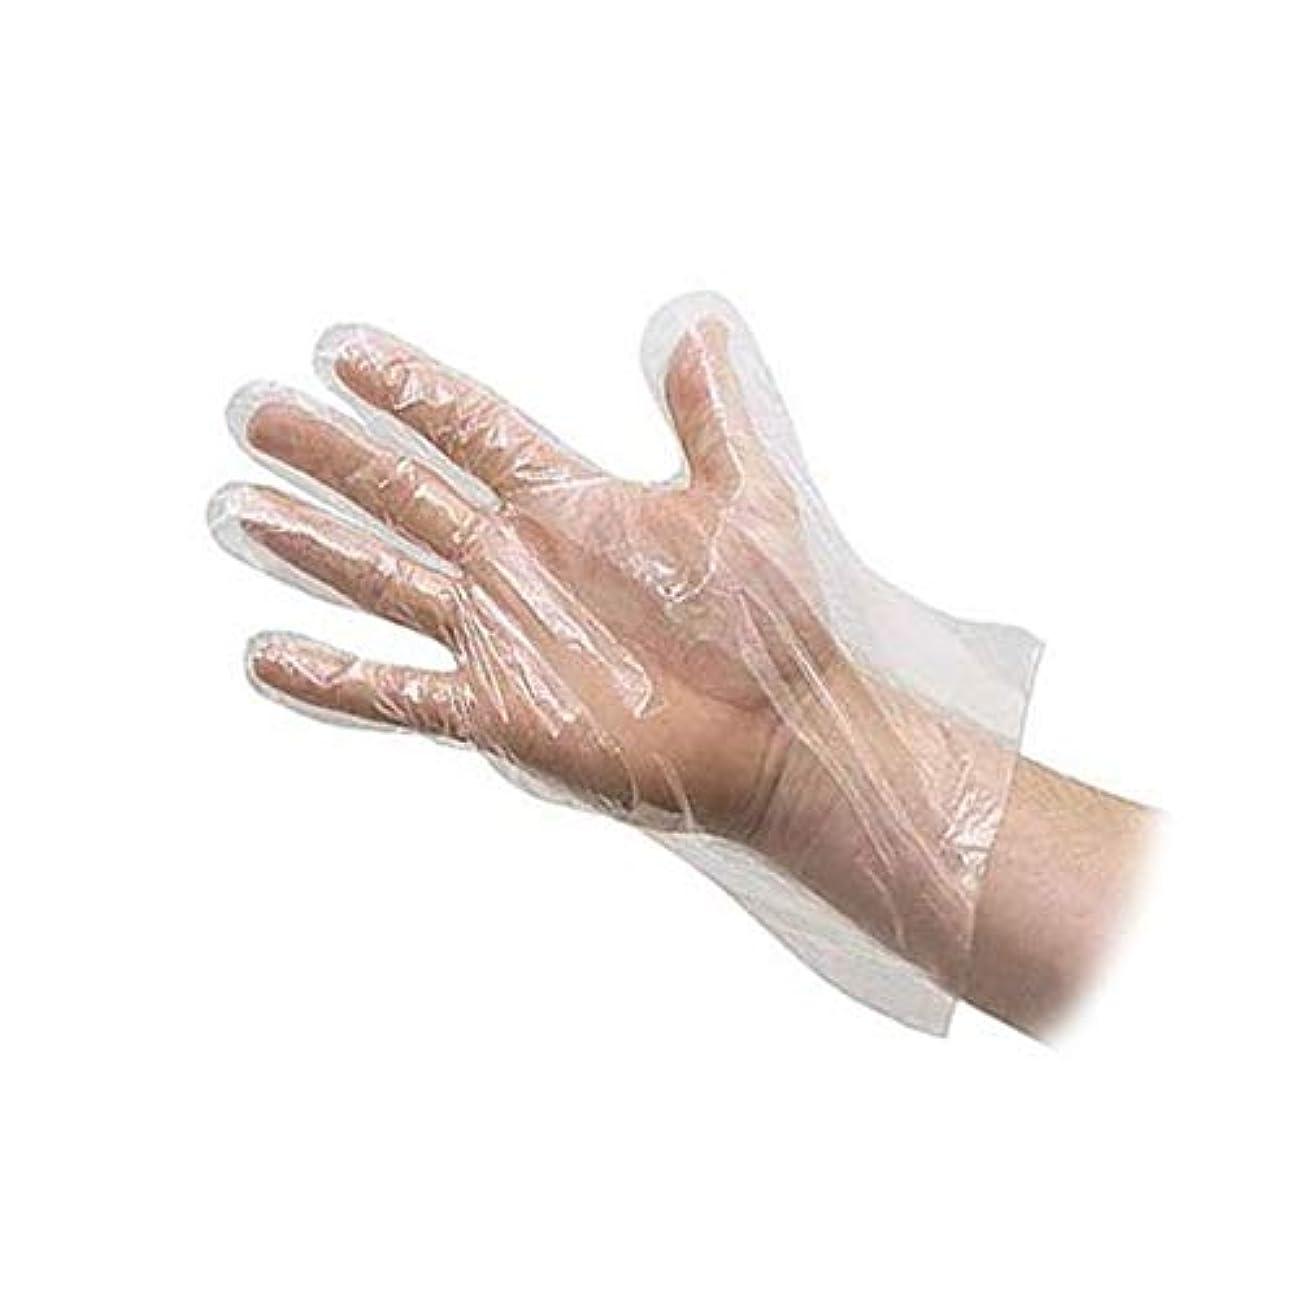 方法論組み込む罪人(デマ―クト)De?markt ポリエチレン 手袋 使い捨て手袋 カタエンボス 調理用 食品 プラスチック ホワイト 粉なし 食品衛生 透明 左右兼用 薄型 ビニール極薄手袋 100枚入